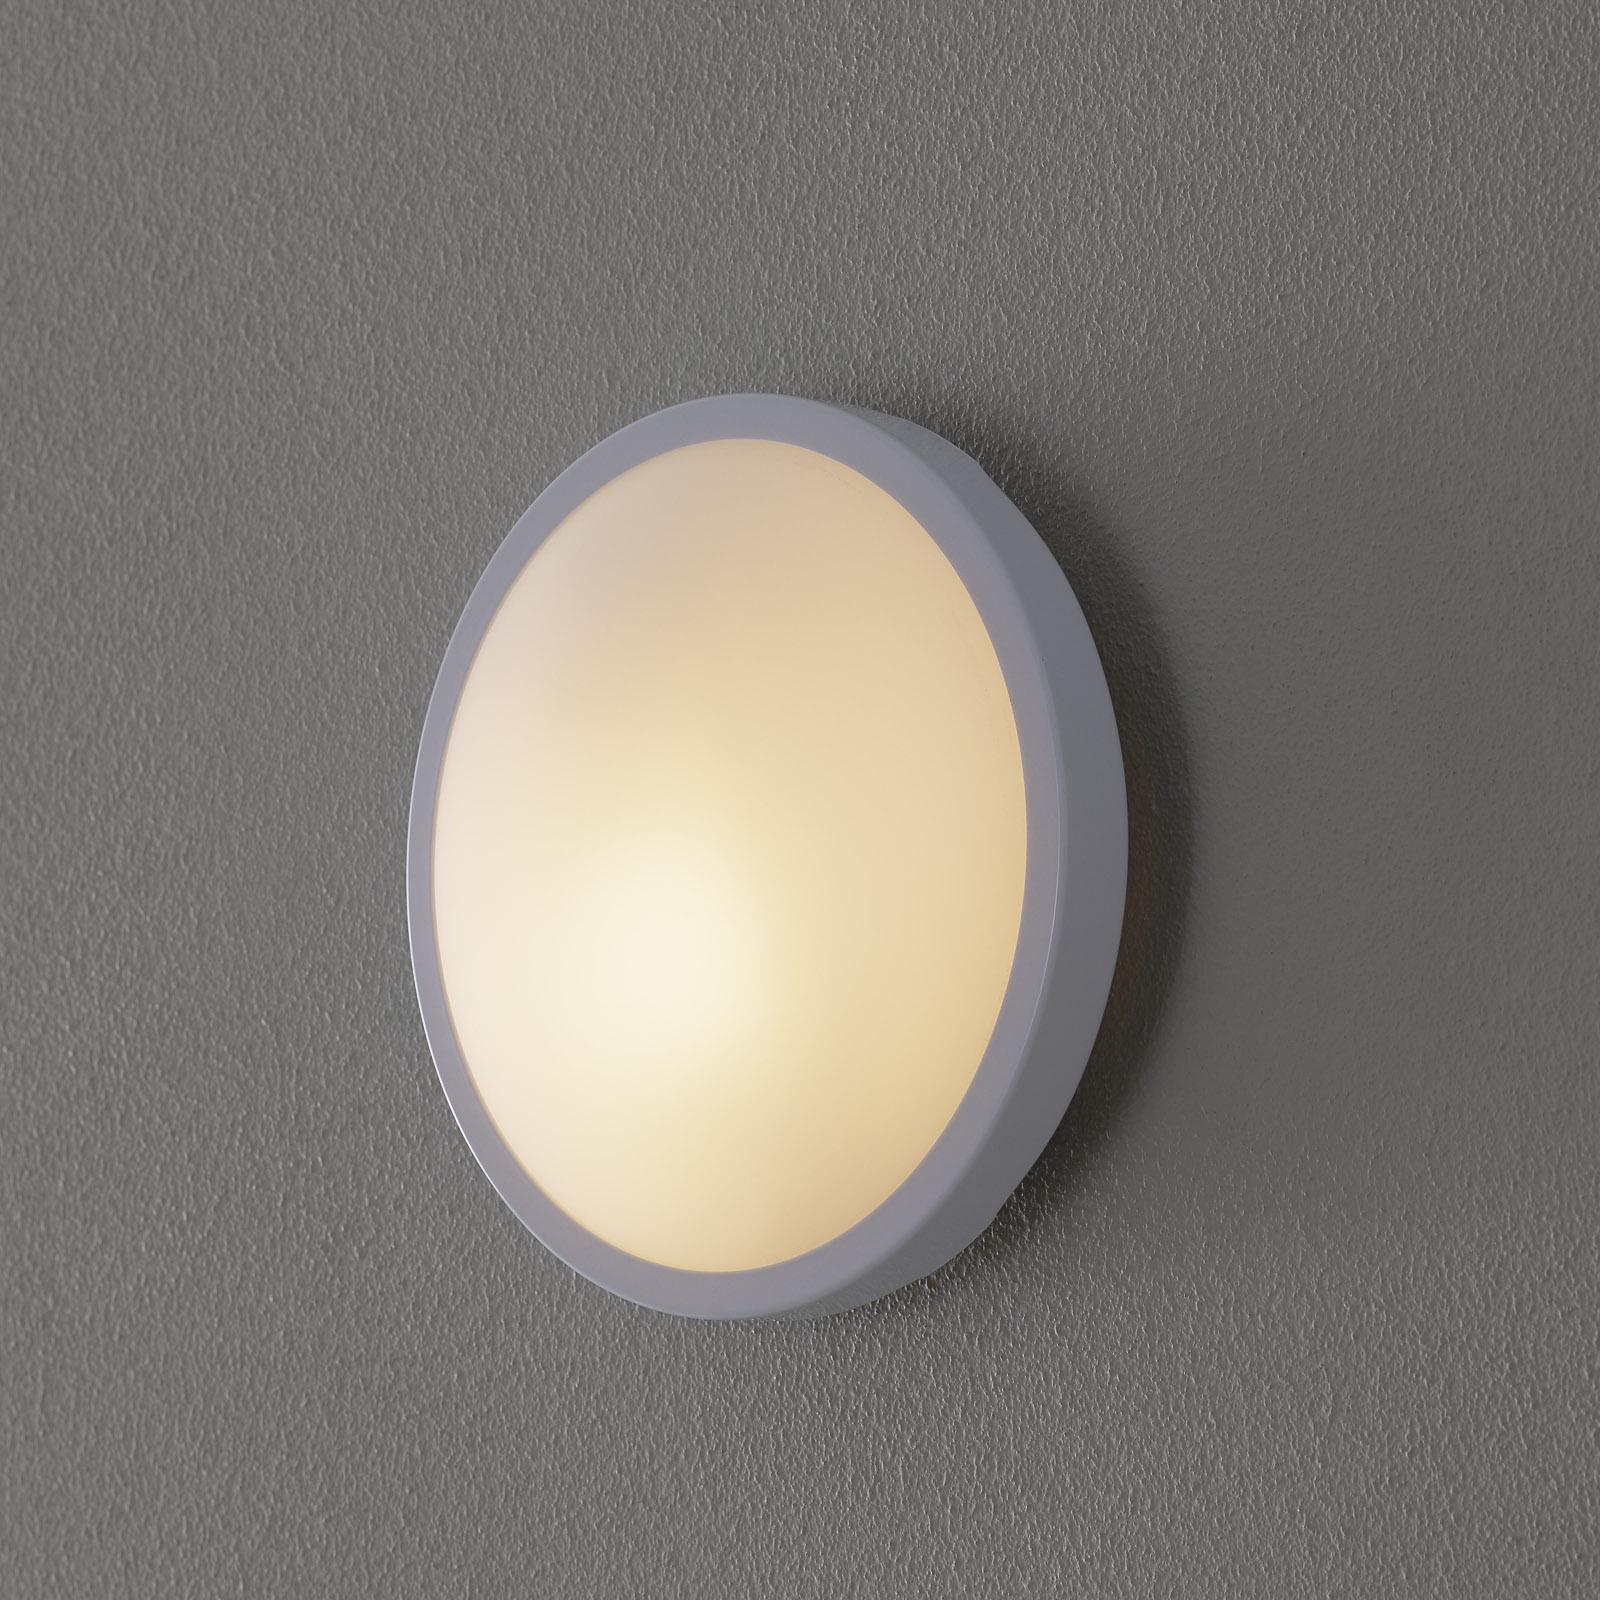 PLAZA loft- og væglampe, 21,5 cm, hvid